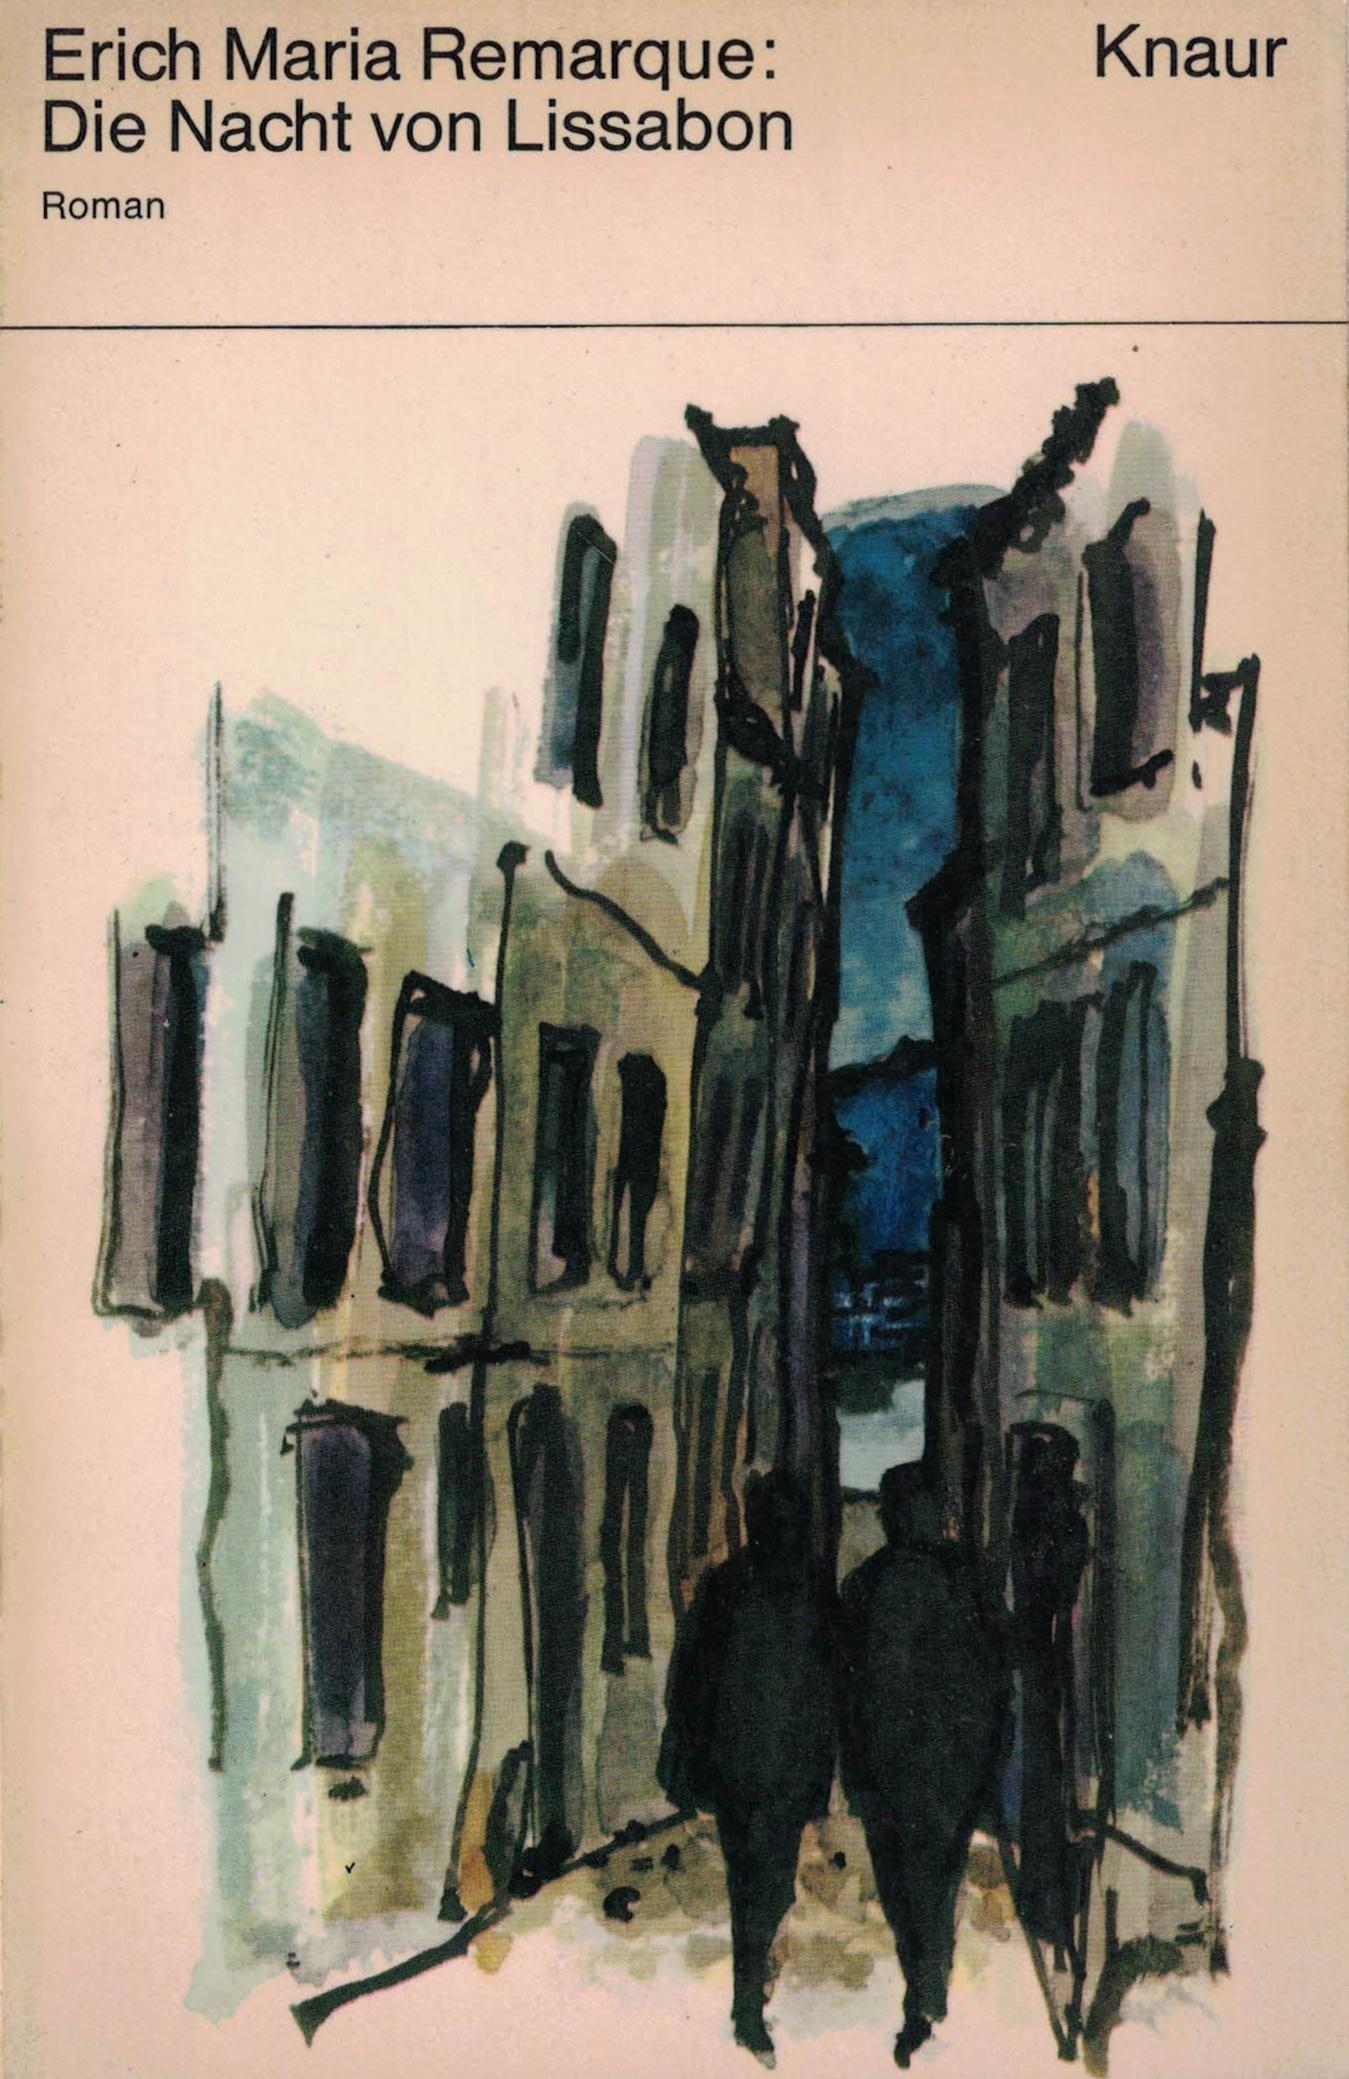 Erich Maria Remarque - Die Nacht von Lissabon